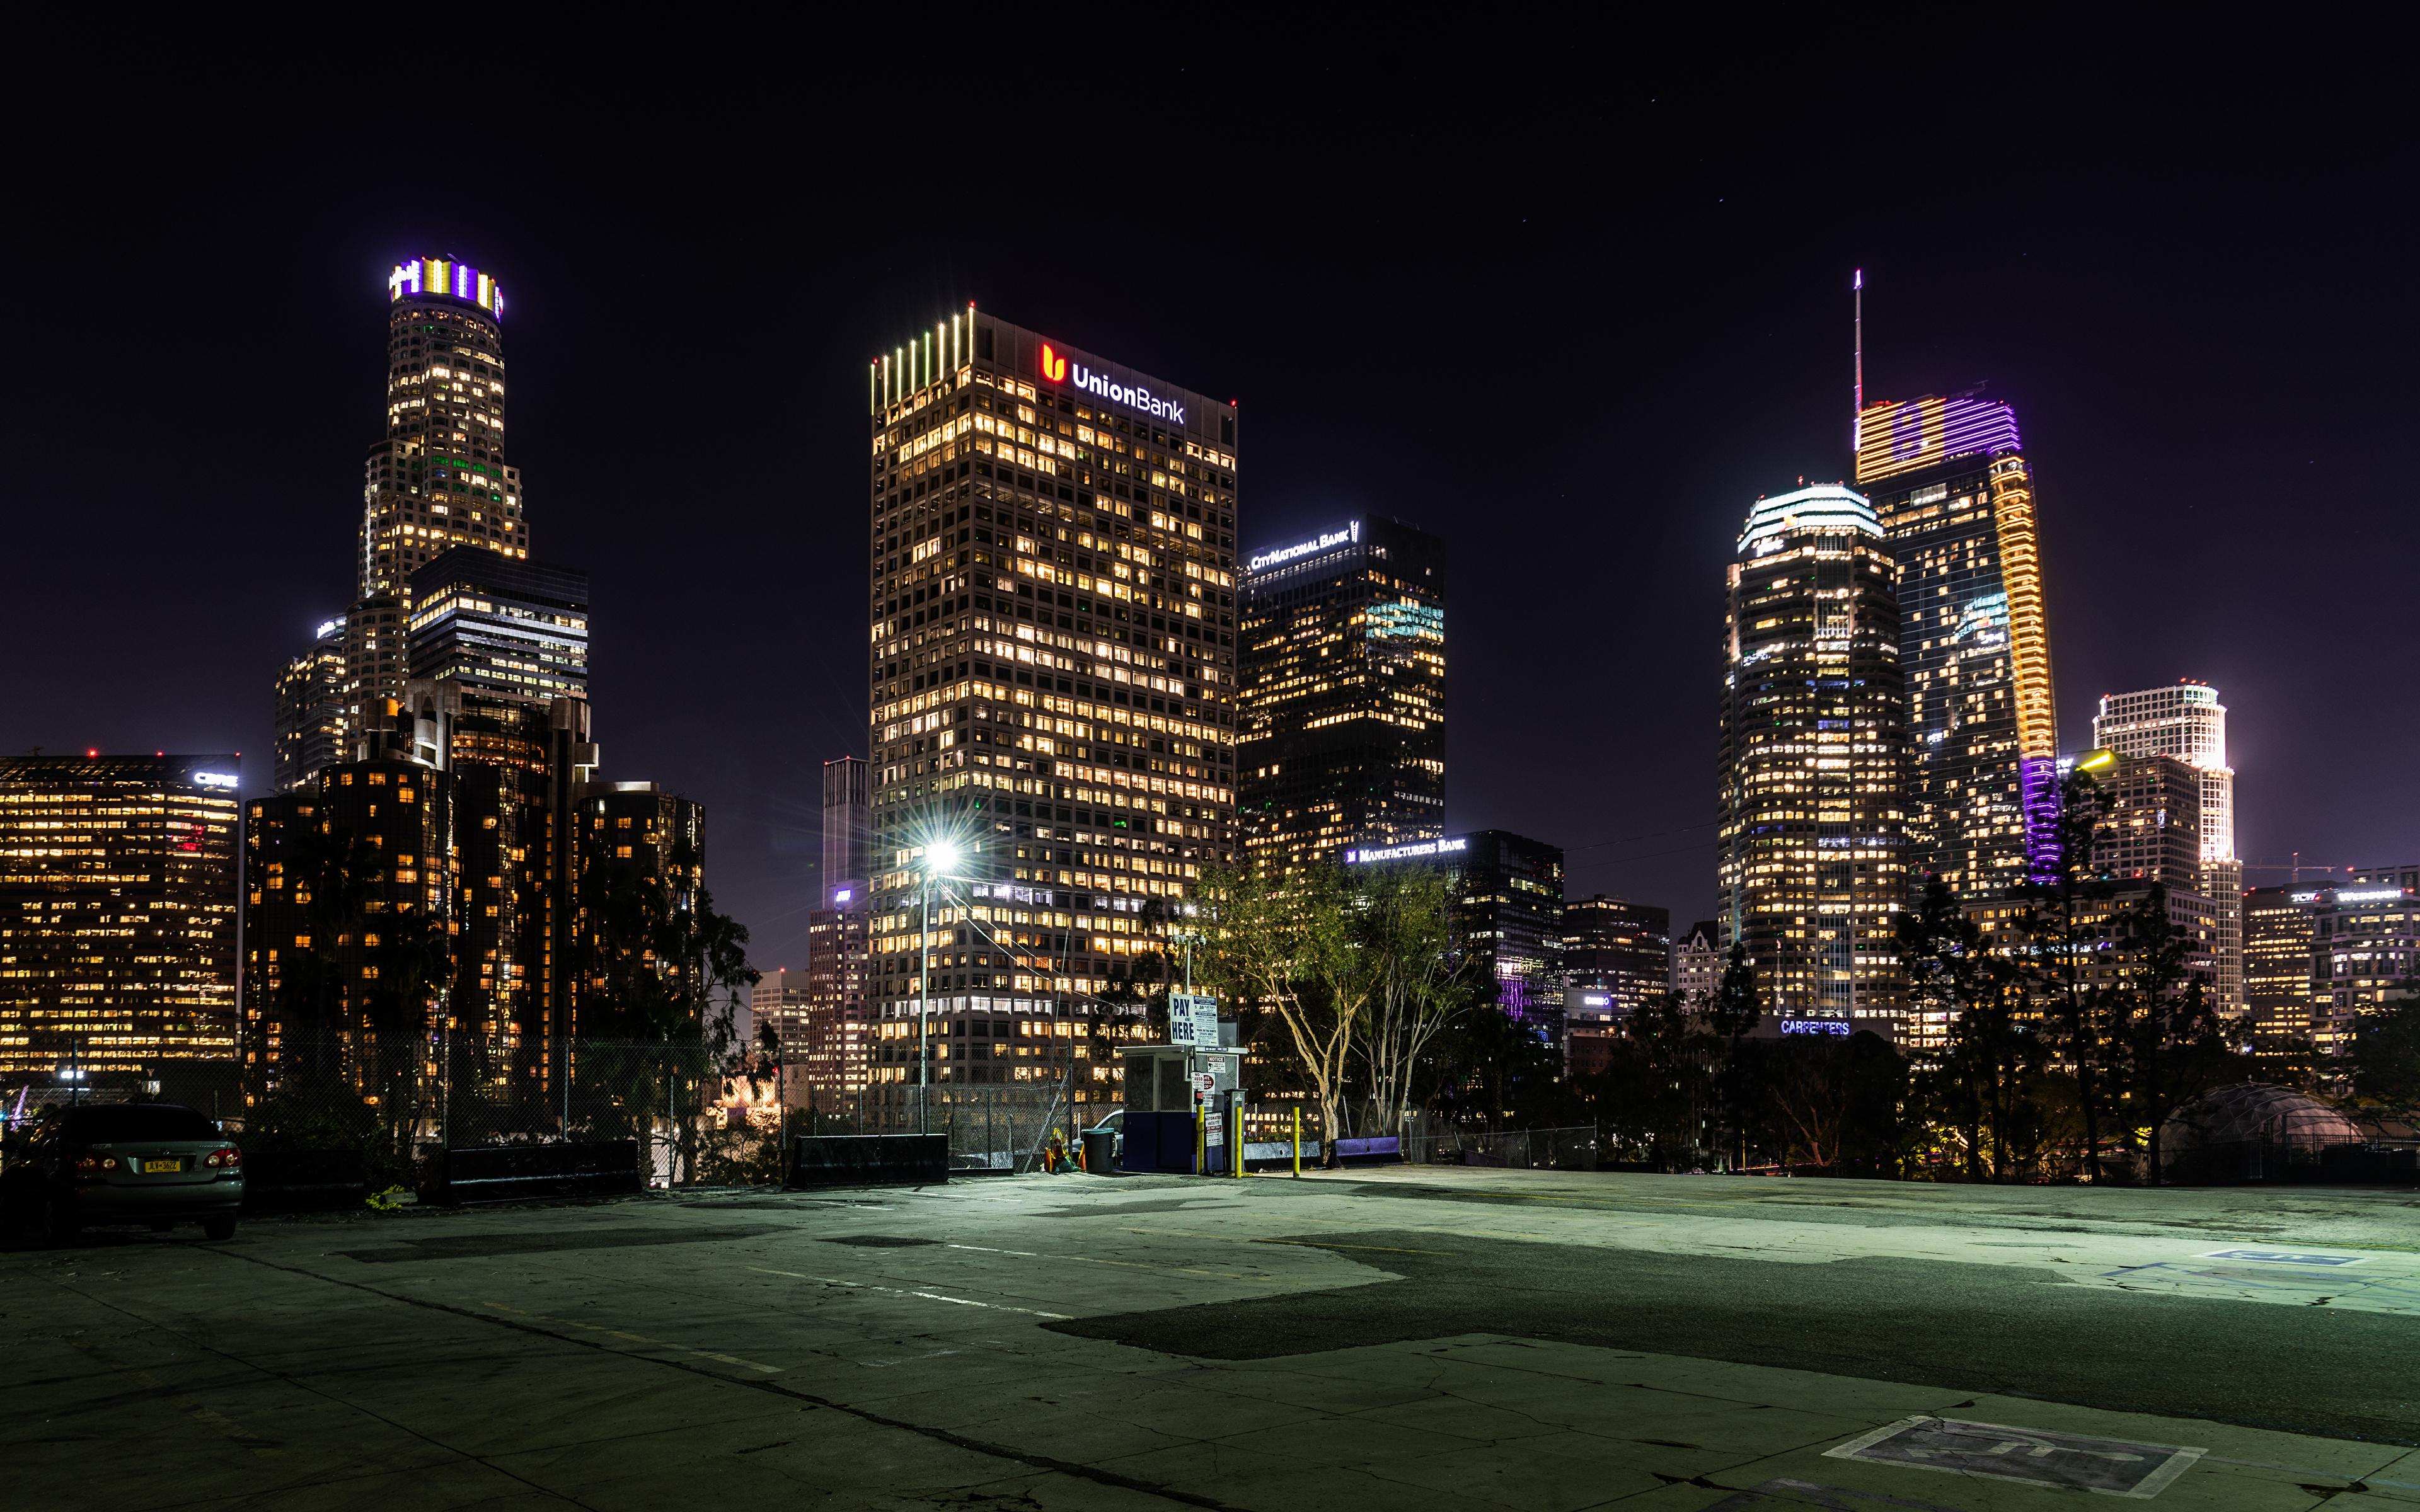 Обои для рабочего стола Лос-Анджелес США Вечер Уличные фонари Дома Города 3840x2400 штаты америка город Здания